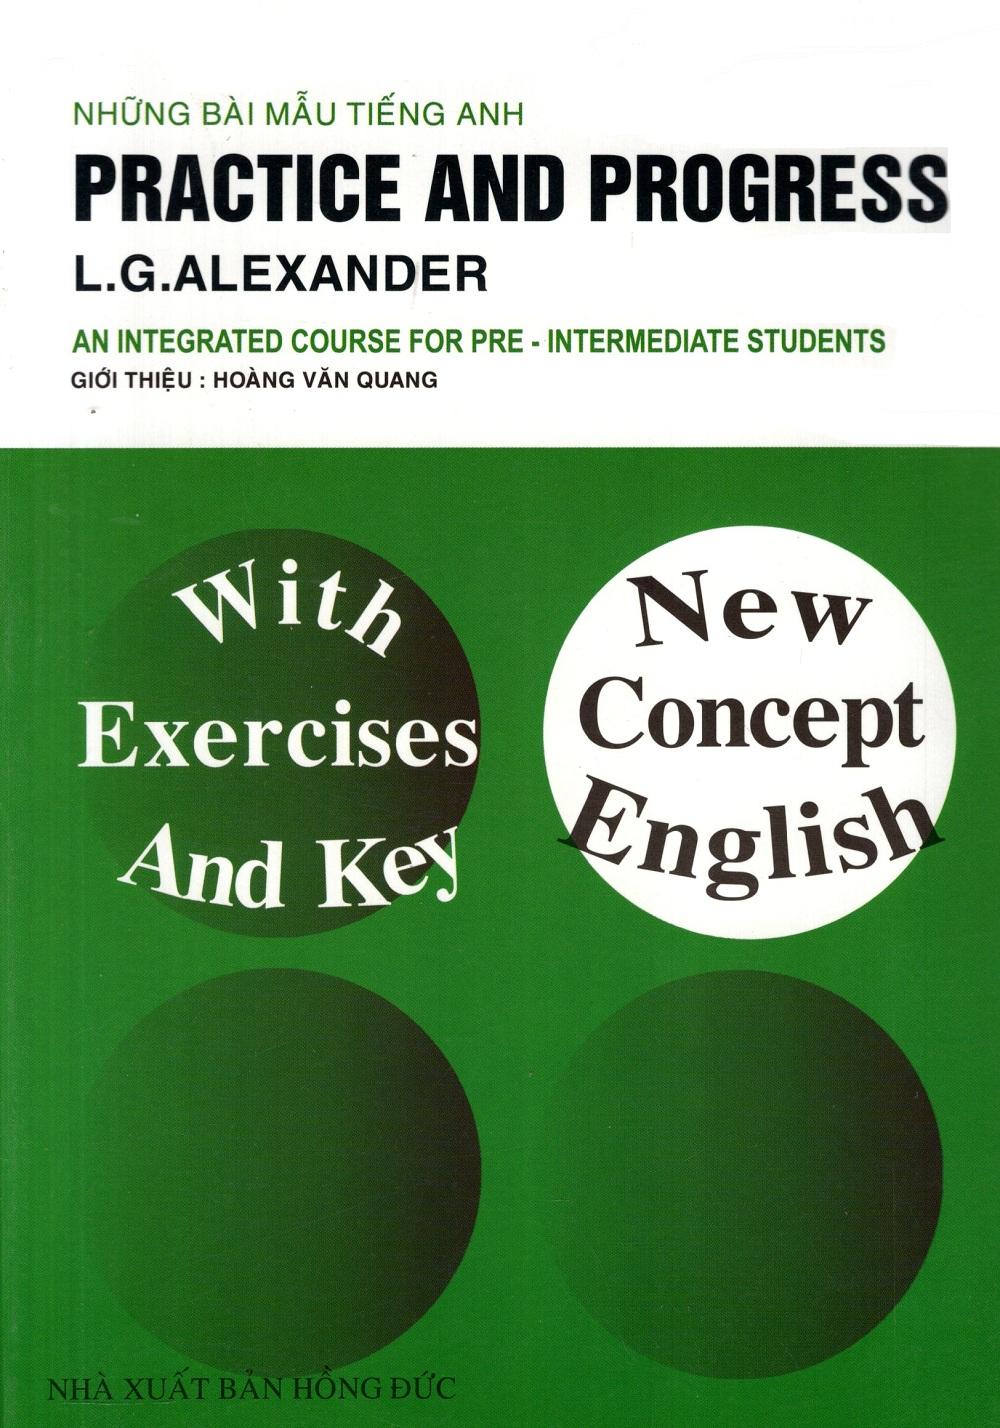 Bìa sách Những Bài Mẫu Tiếng Anh: Practice And Progress